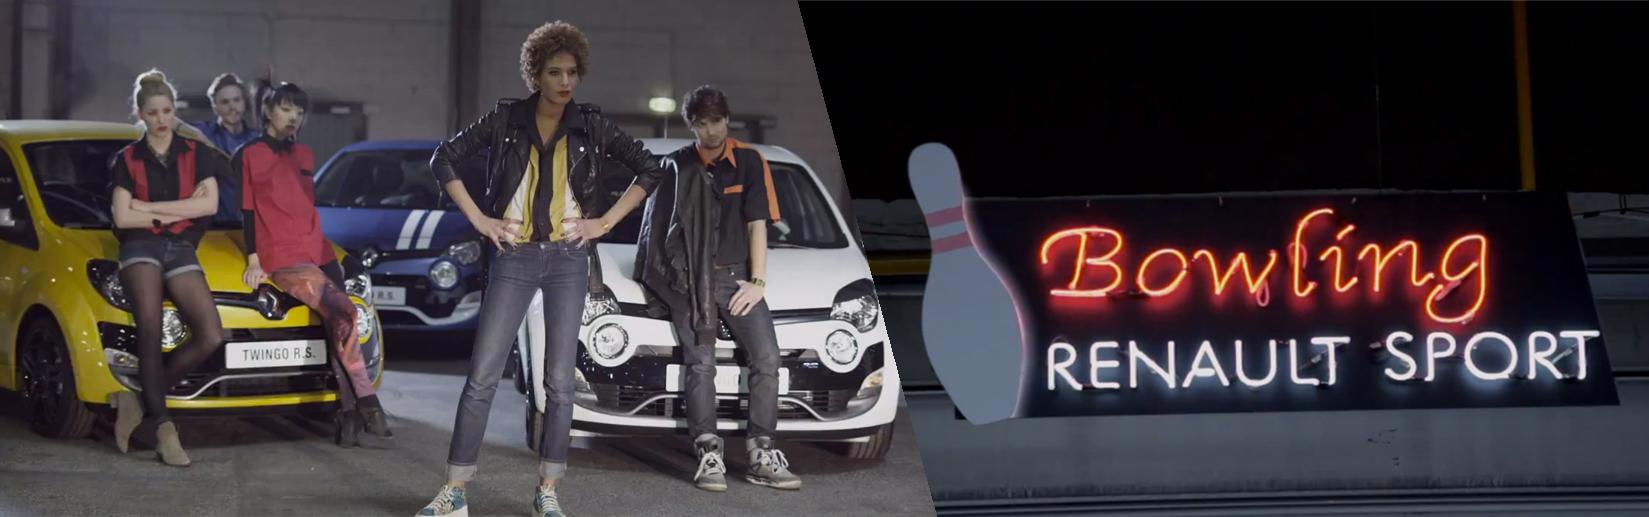 llllitl-renault-sport-opération-marketing-bowling-twingo-rs-hangar-jeunes-publicité-test-drive-essai-automobile2